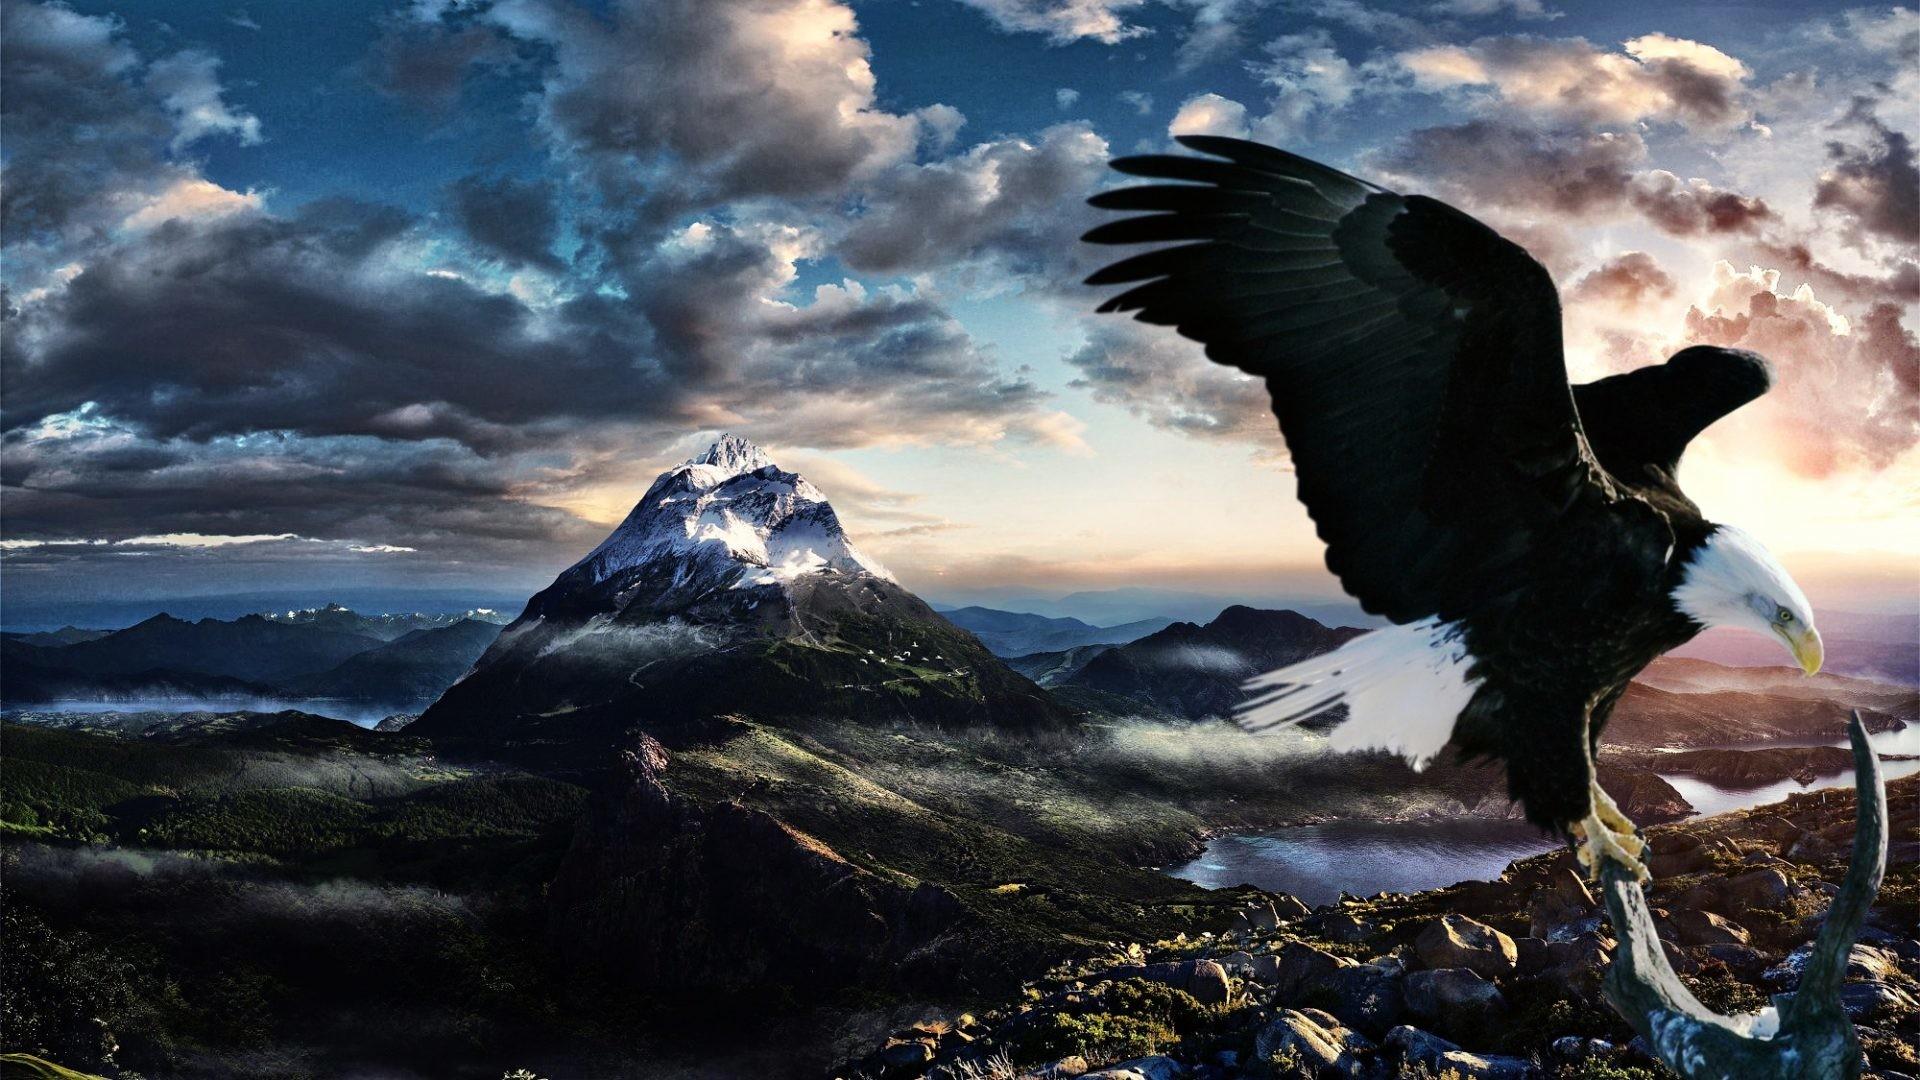 Eagle Desktop Wallpaper (73+ Images